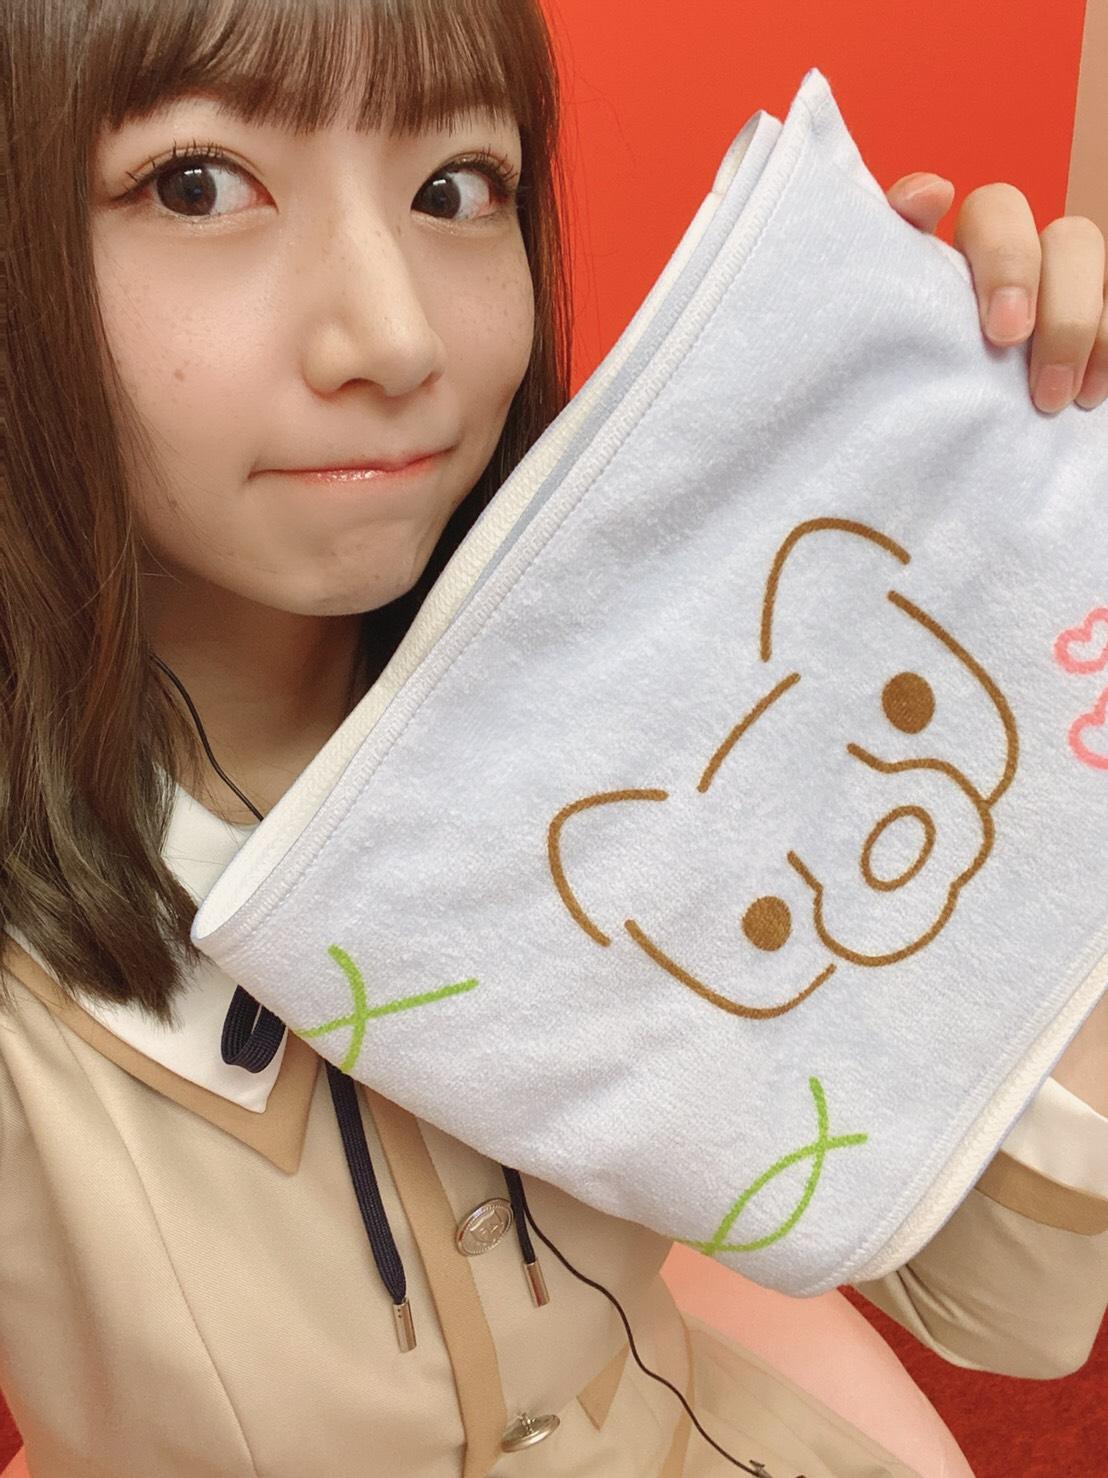 「乃木坂46時間TV」の個人ブースで笑顔を見せる北野日奈子